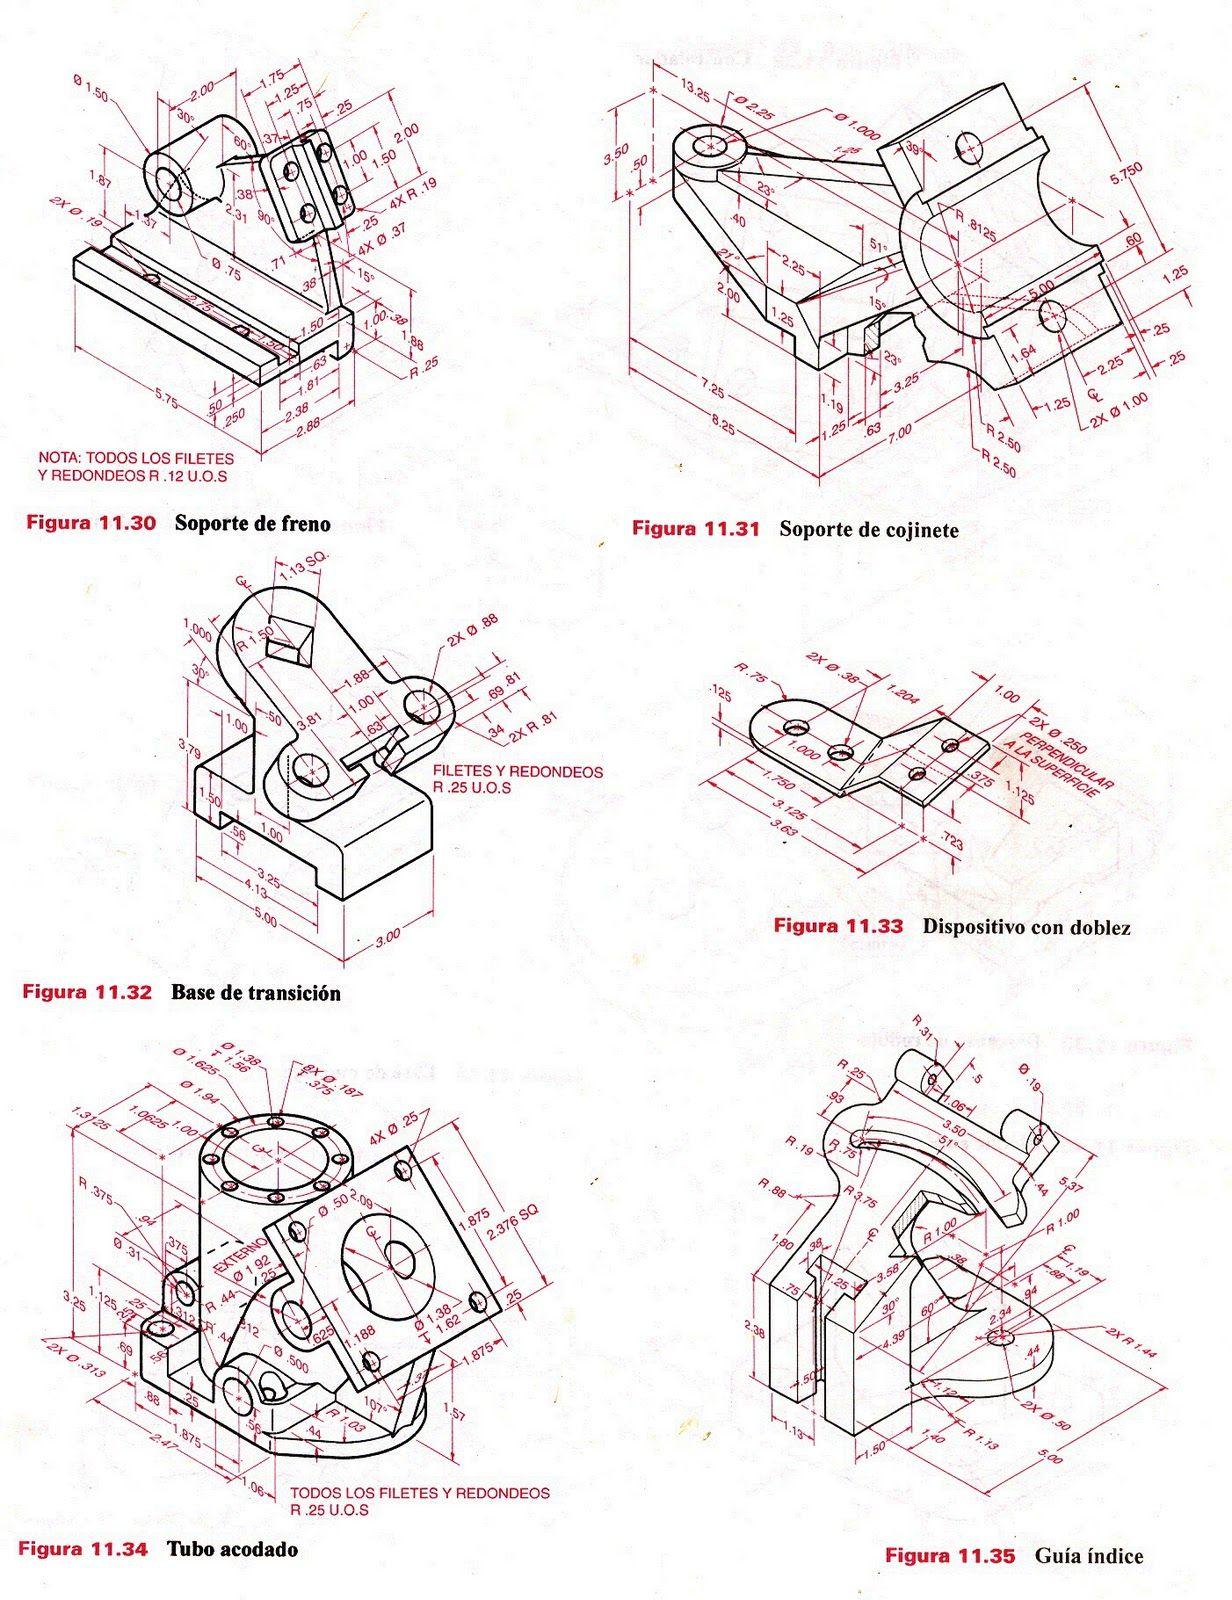 Resultado De Imagen Para Ejercicios De Practica 3d En Autocad Ejercicios De Dibujo Dibujo Tecnico Ejercicios Tecnicas De Dibujo